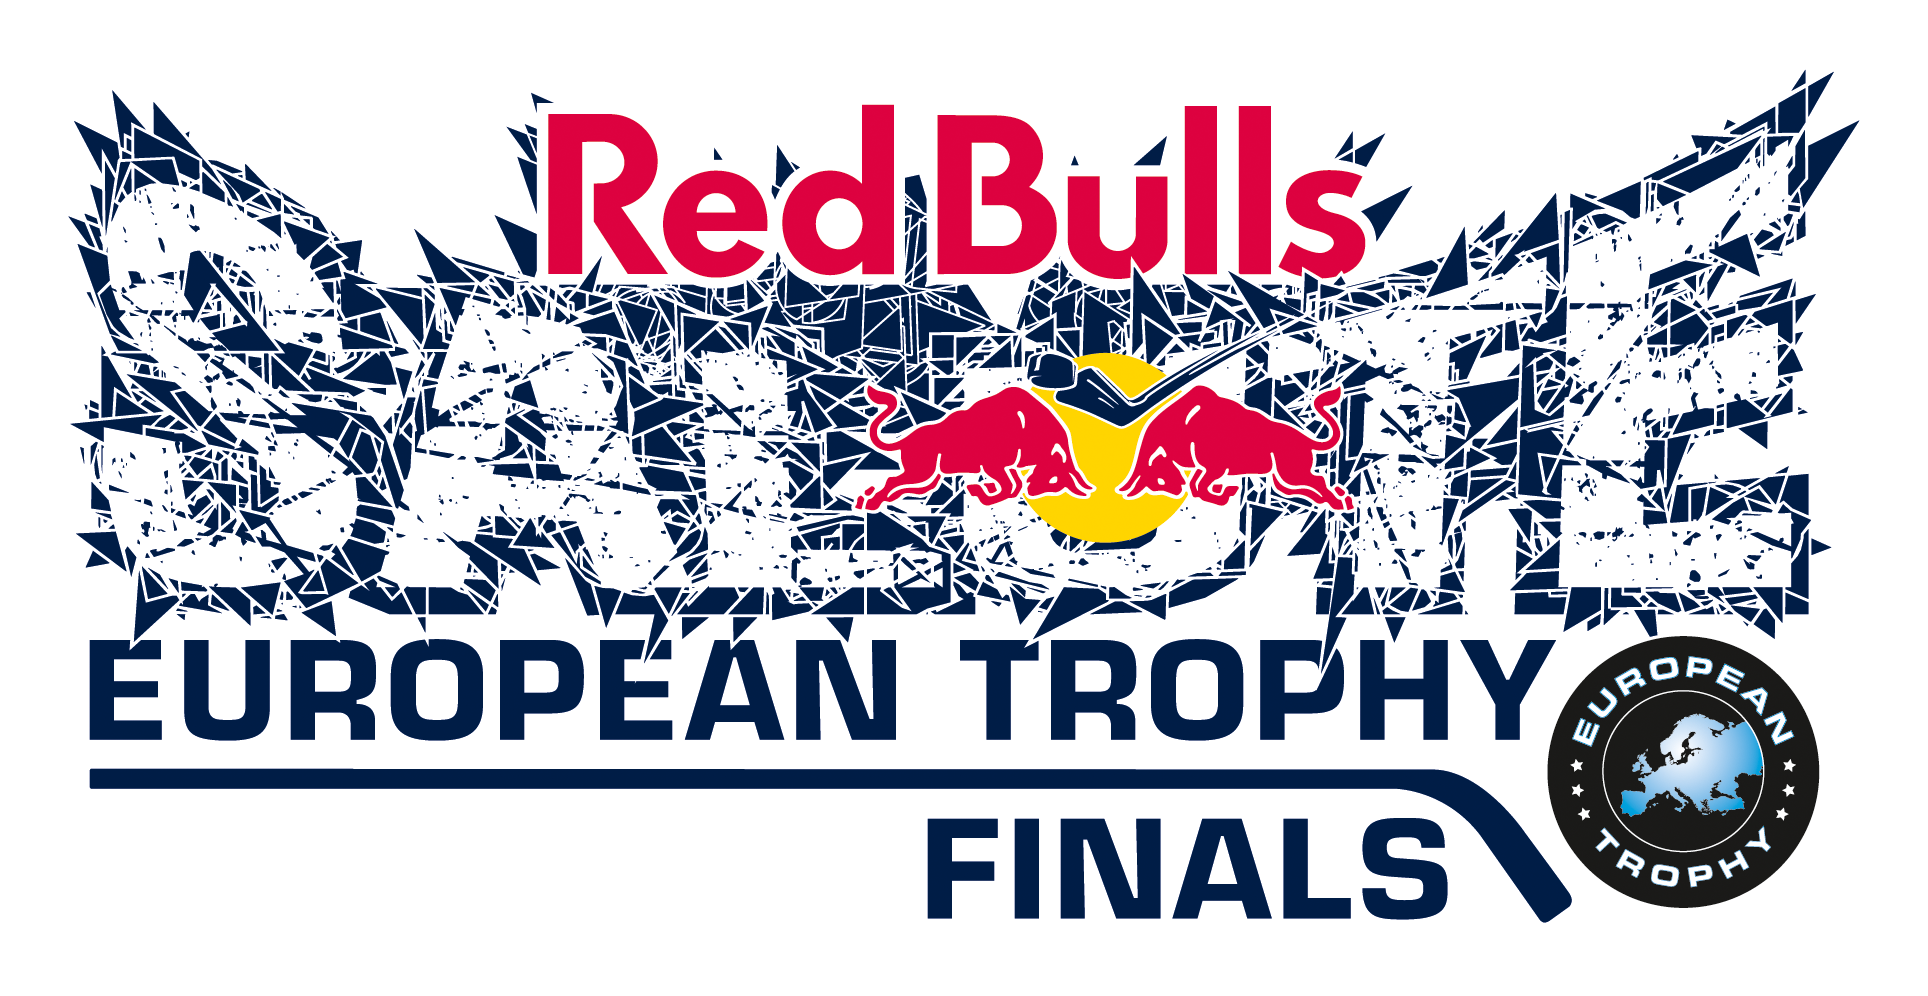 Red Bulls Salute - European Trophy Finals, officiell logo